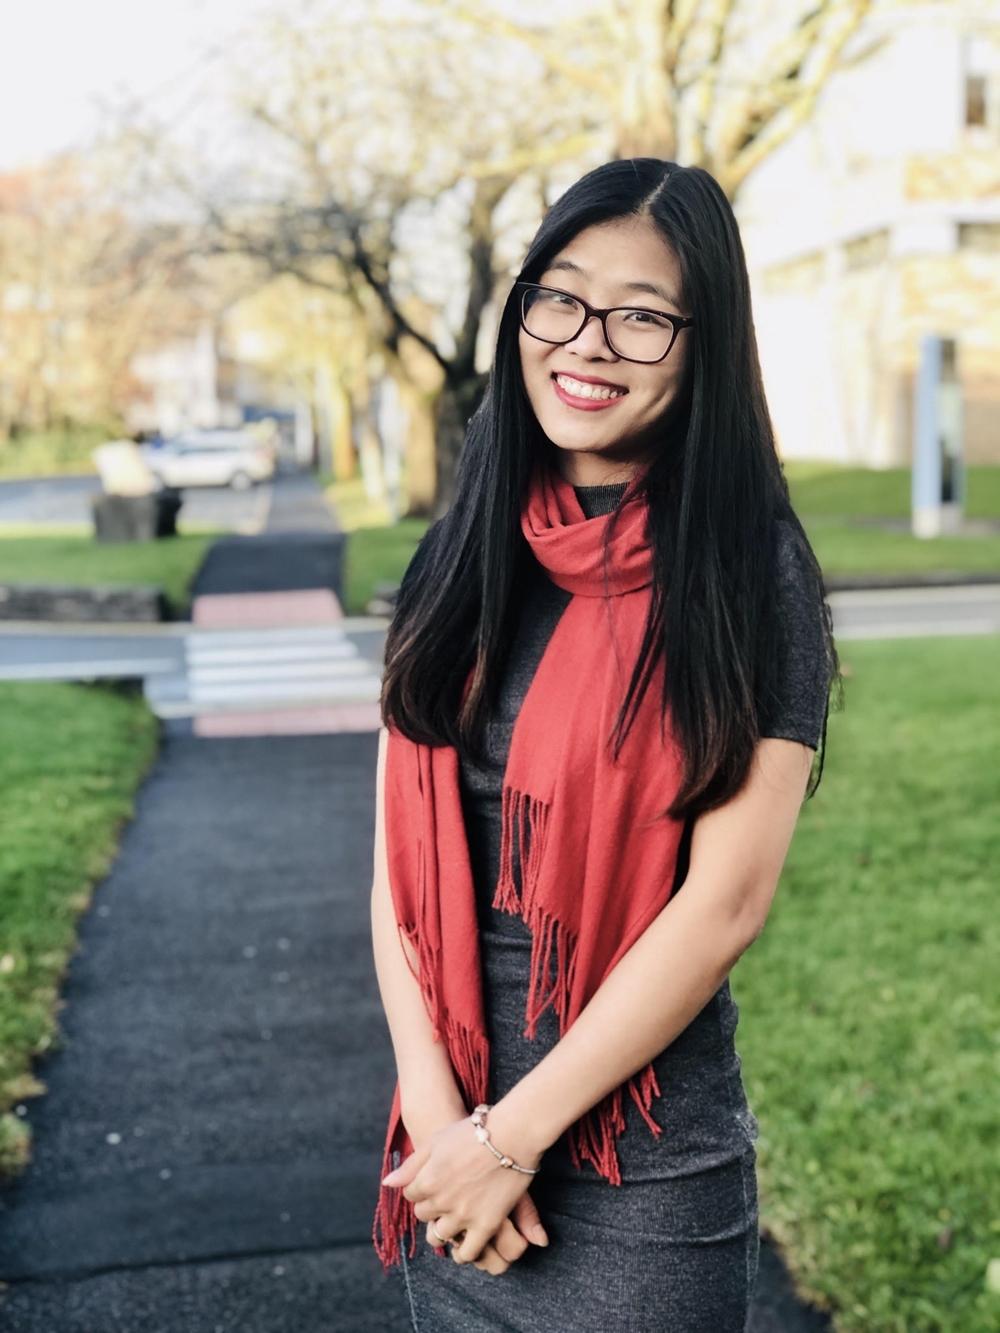 Chị Hoàng Ngọc Quỳnh tại Đại học Lancaster, Anh. Ảnh: Nhân vật cung cấp